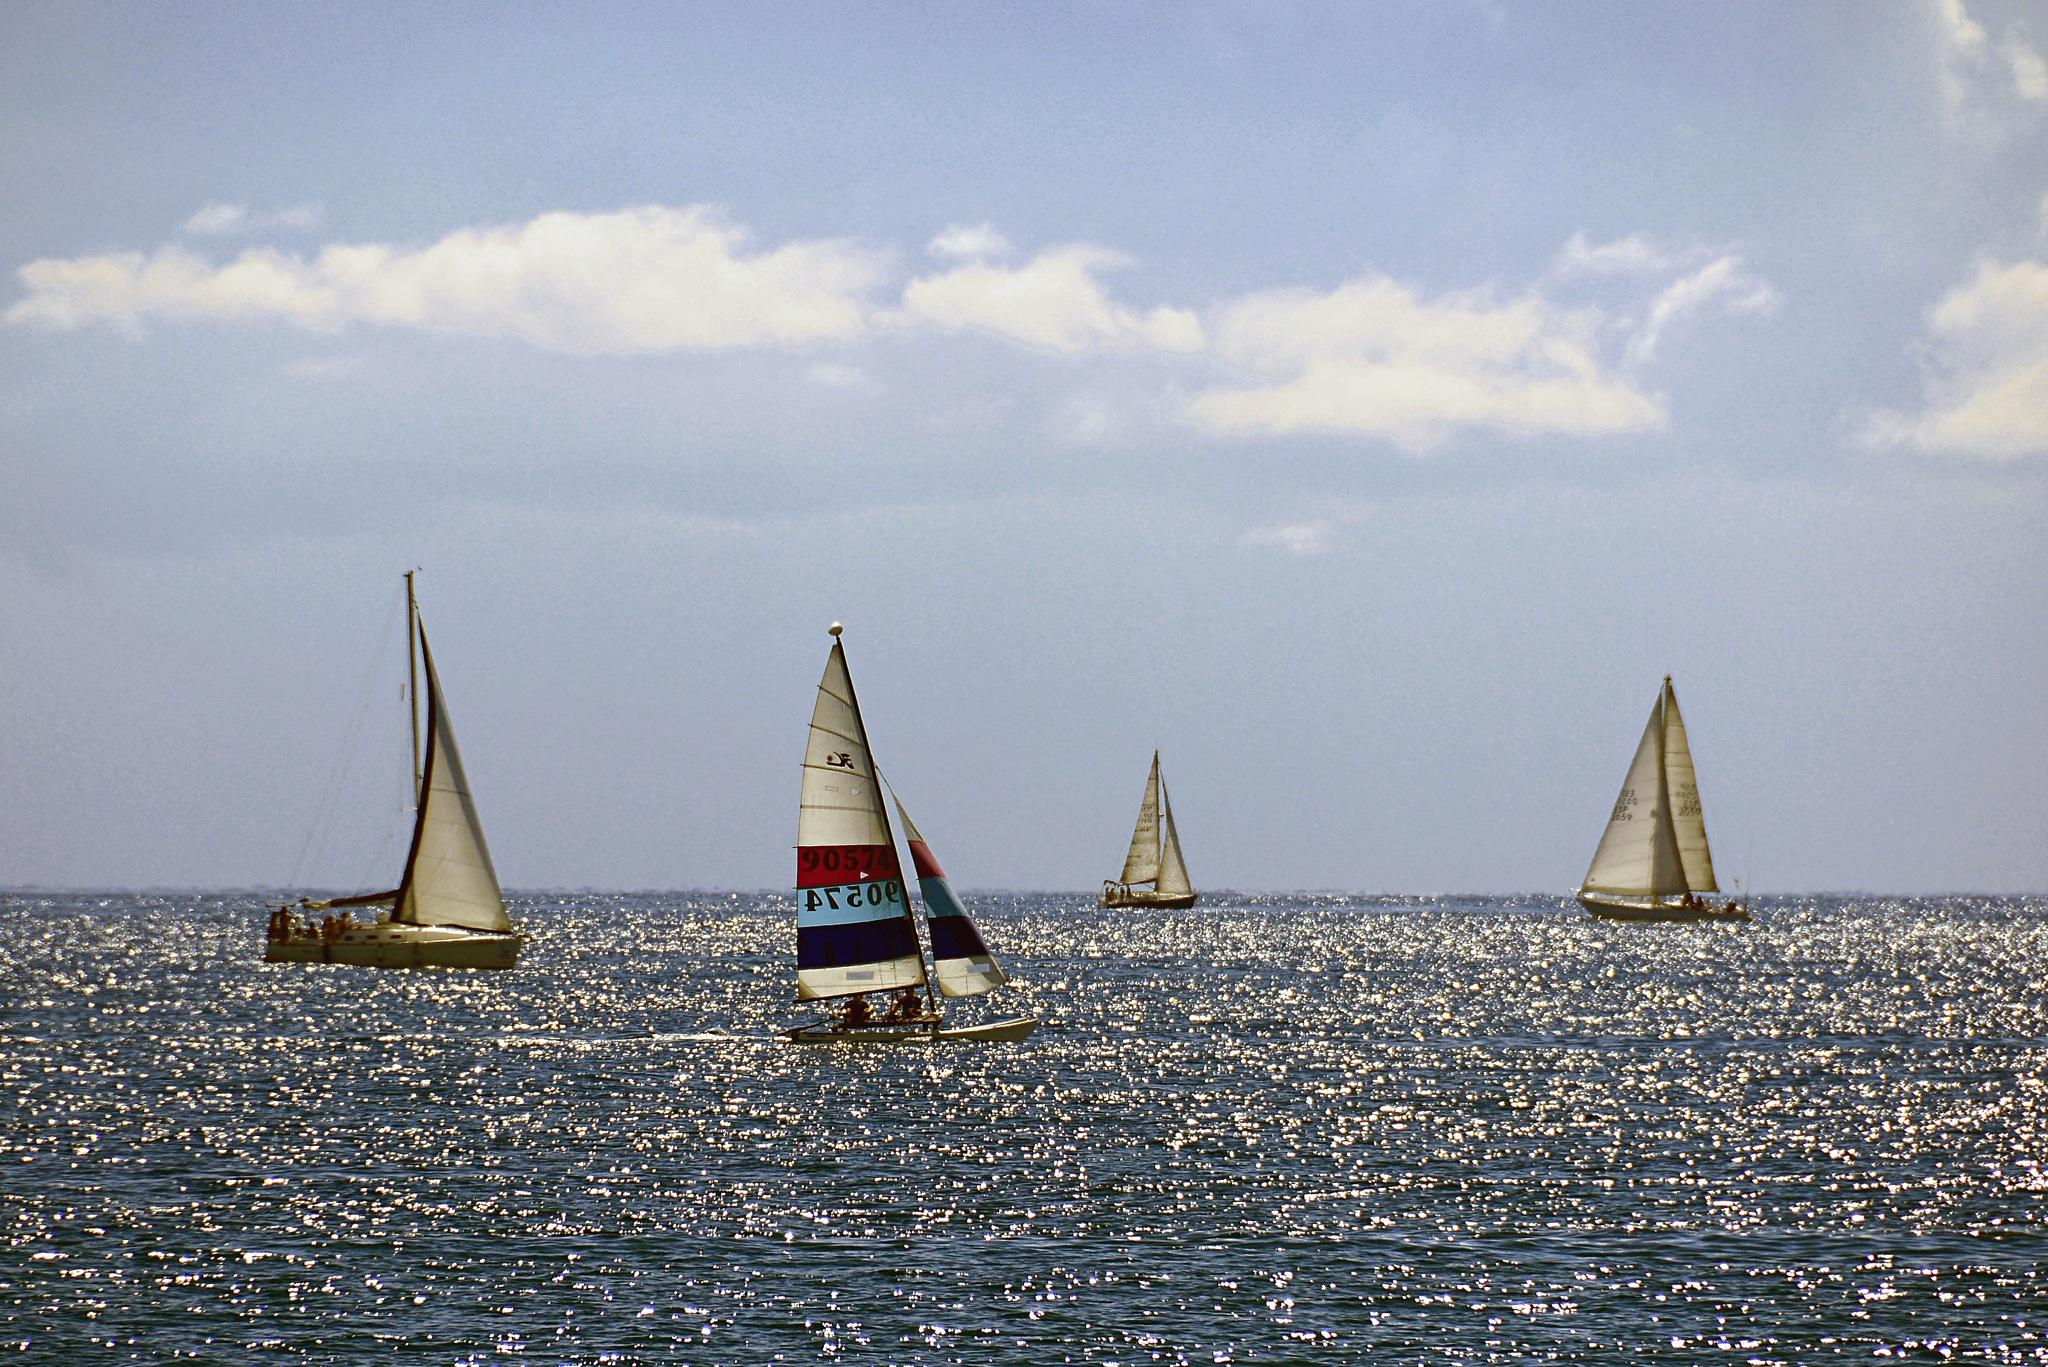 Barques / Boats by Josep Vallès